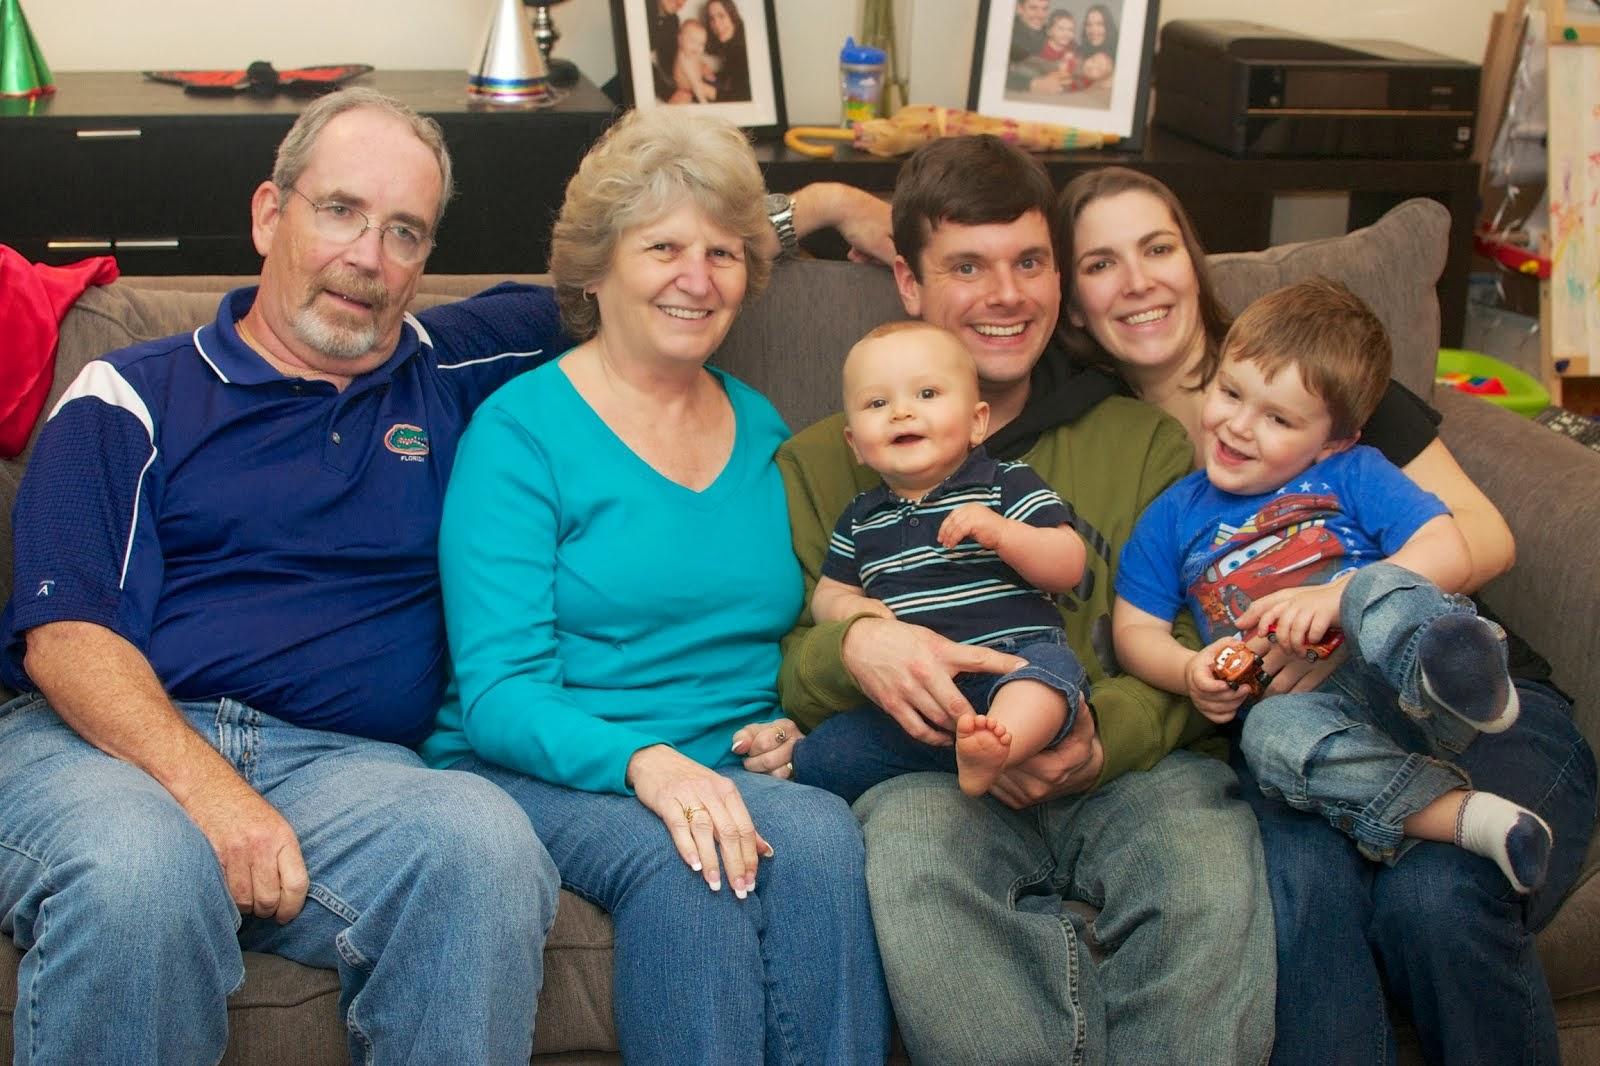 Grandpa, Nanny, the kids & grandkids